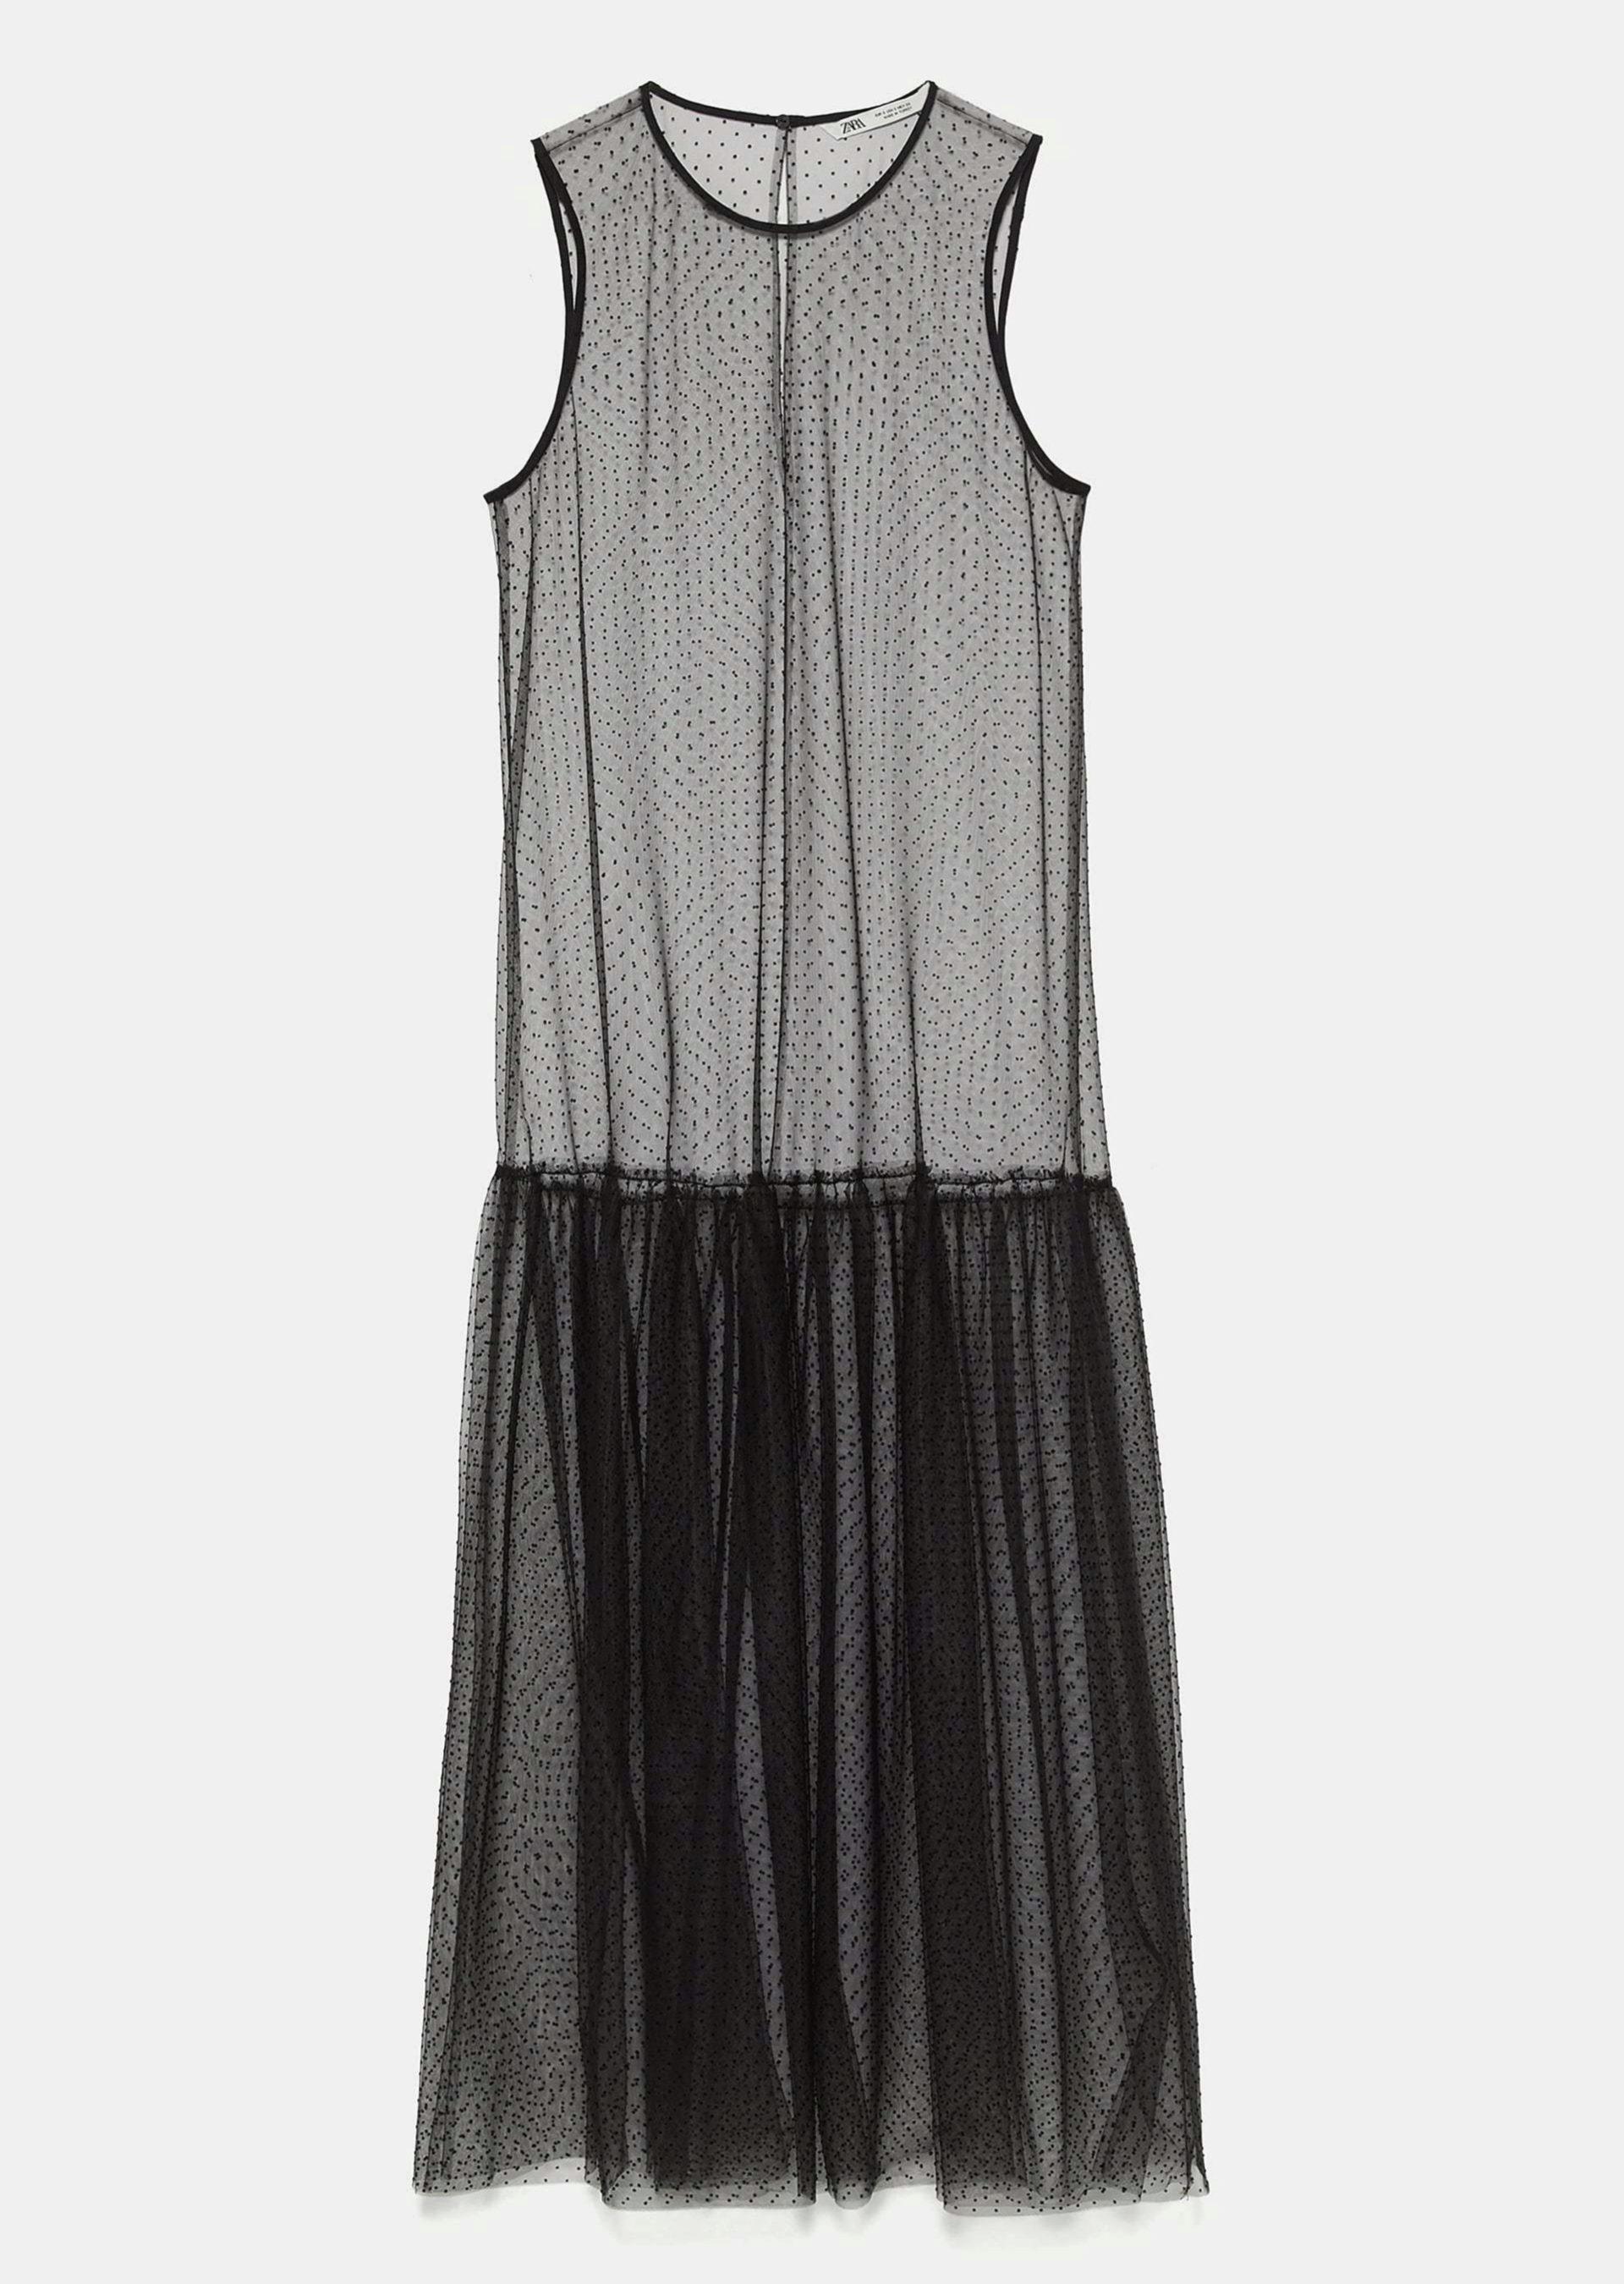 Vestido de plumetti, de Zara (29,95 euros).